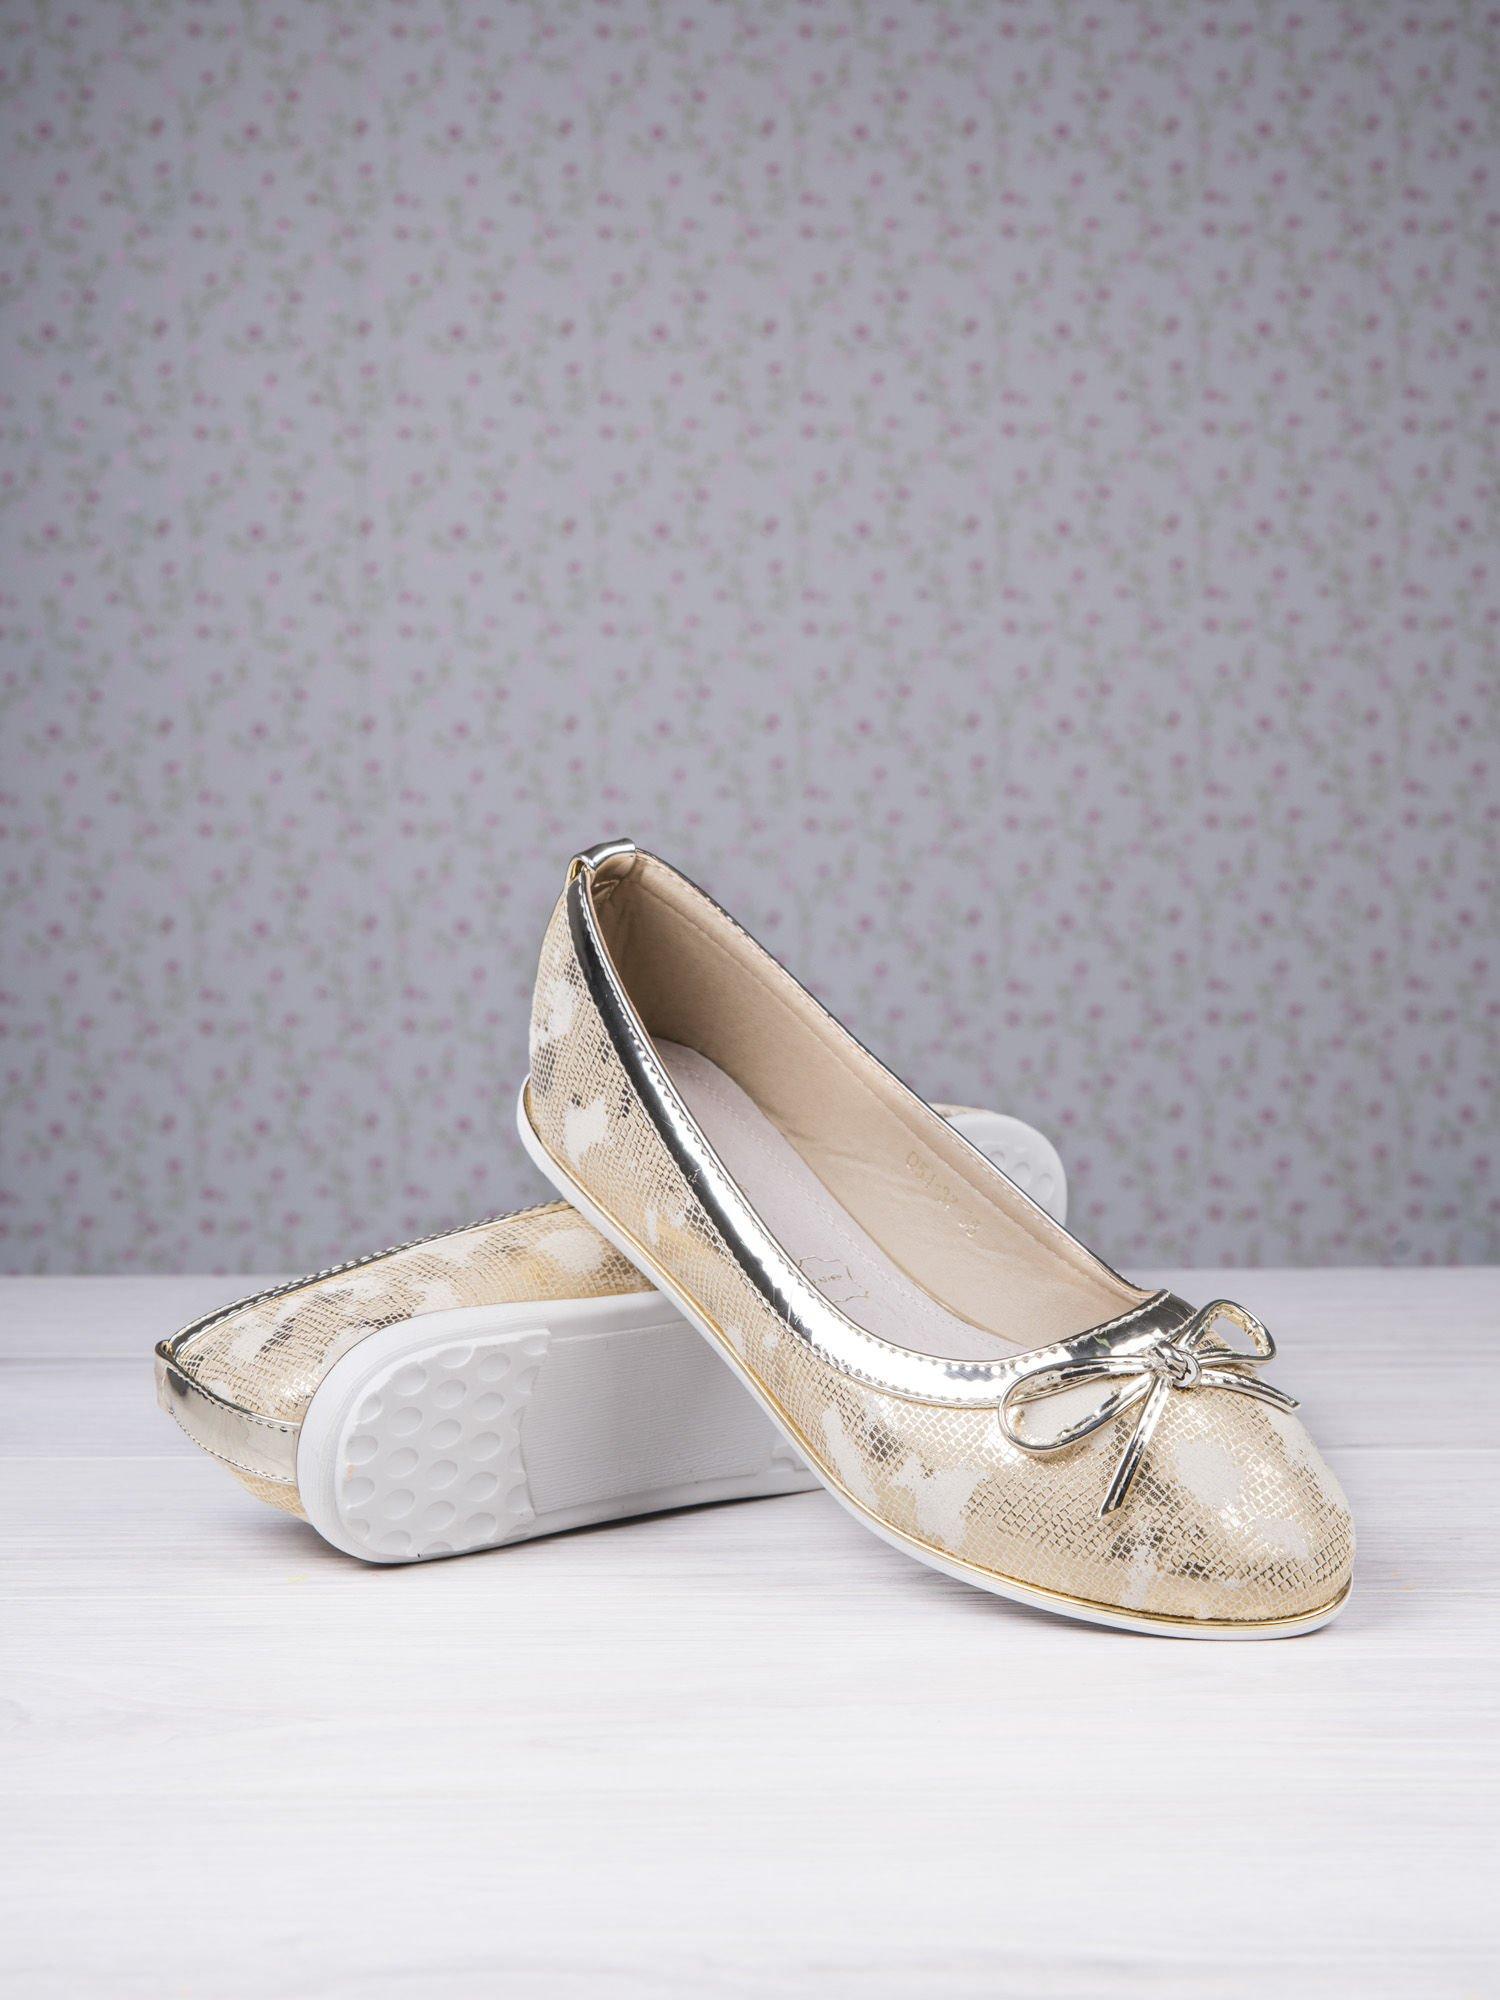 Złote marmurkowe baleriny gold leather Dream z kokardką                                  zdj.                                  4